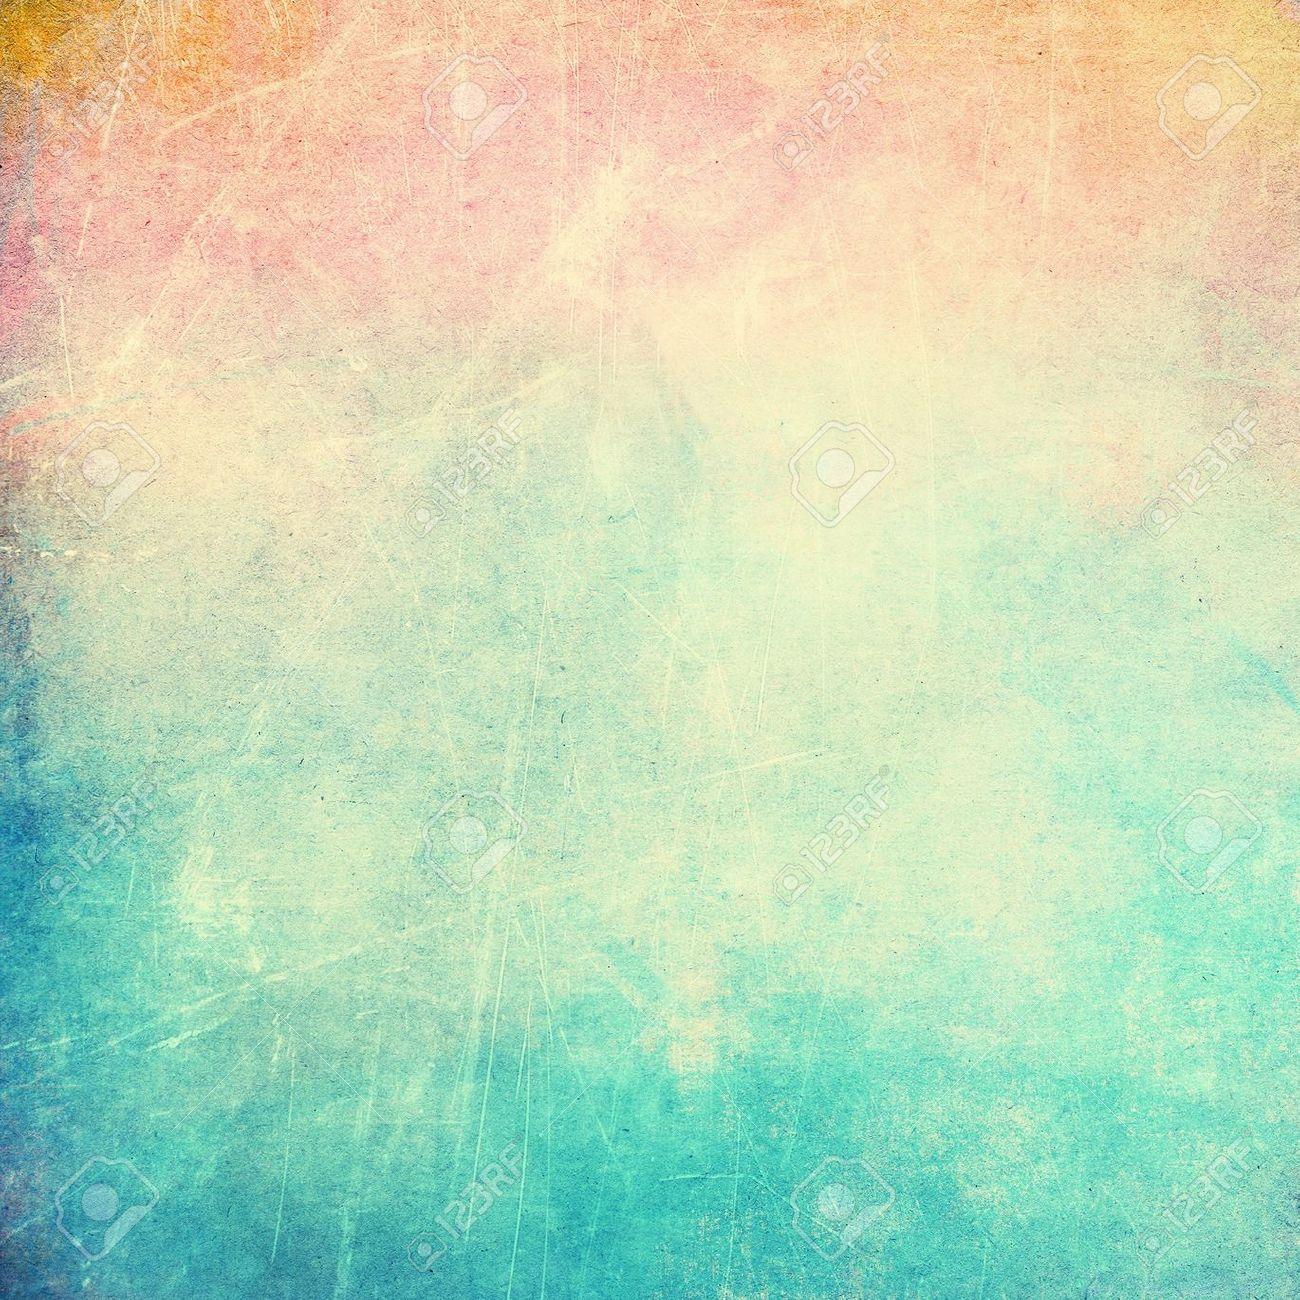 Colorful Vintage Background Background Vintage Vintage Colors Textured Background